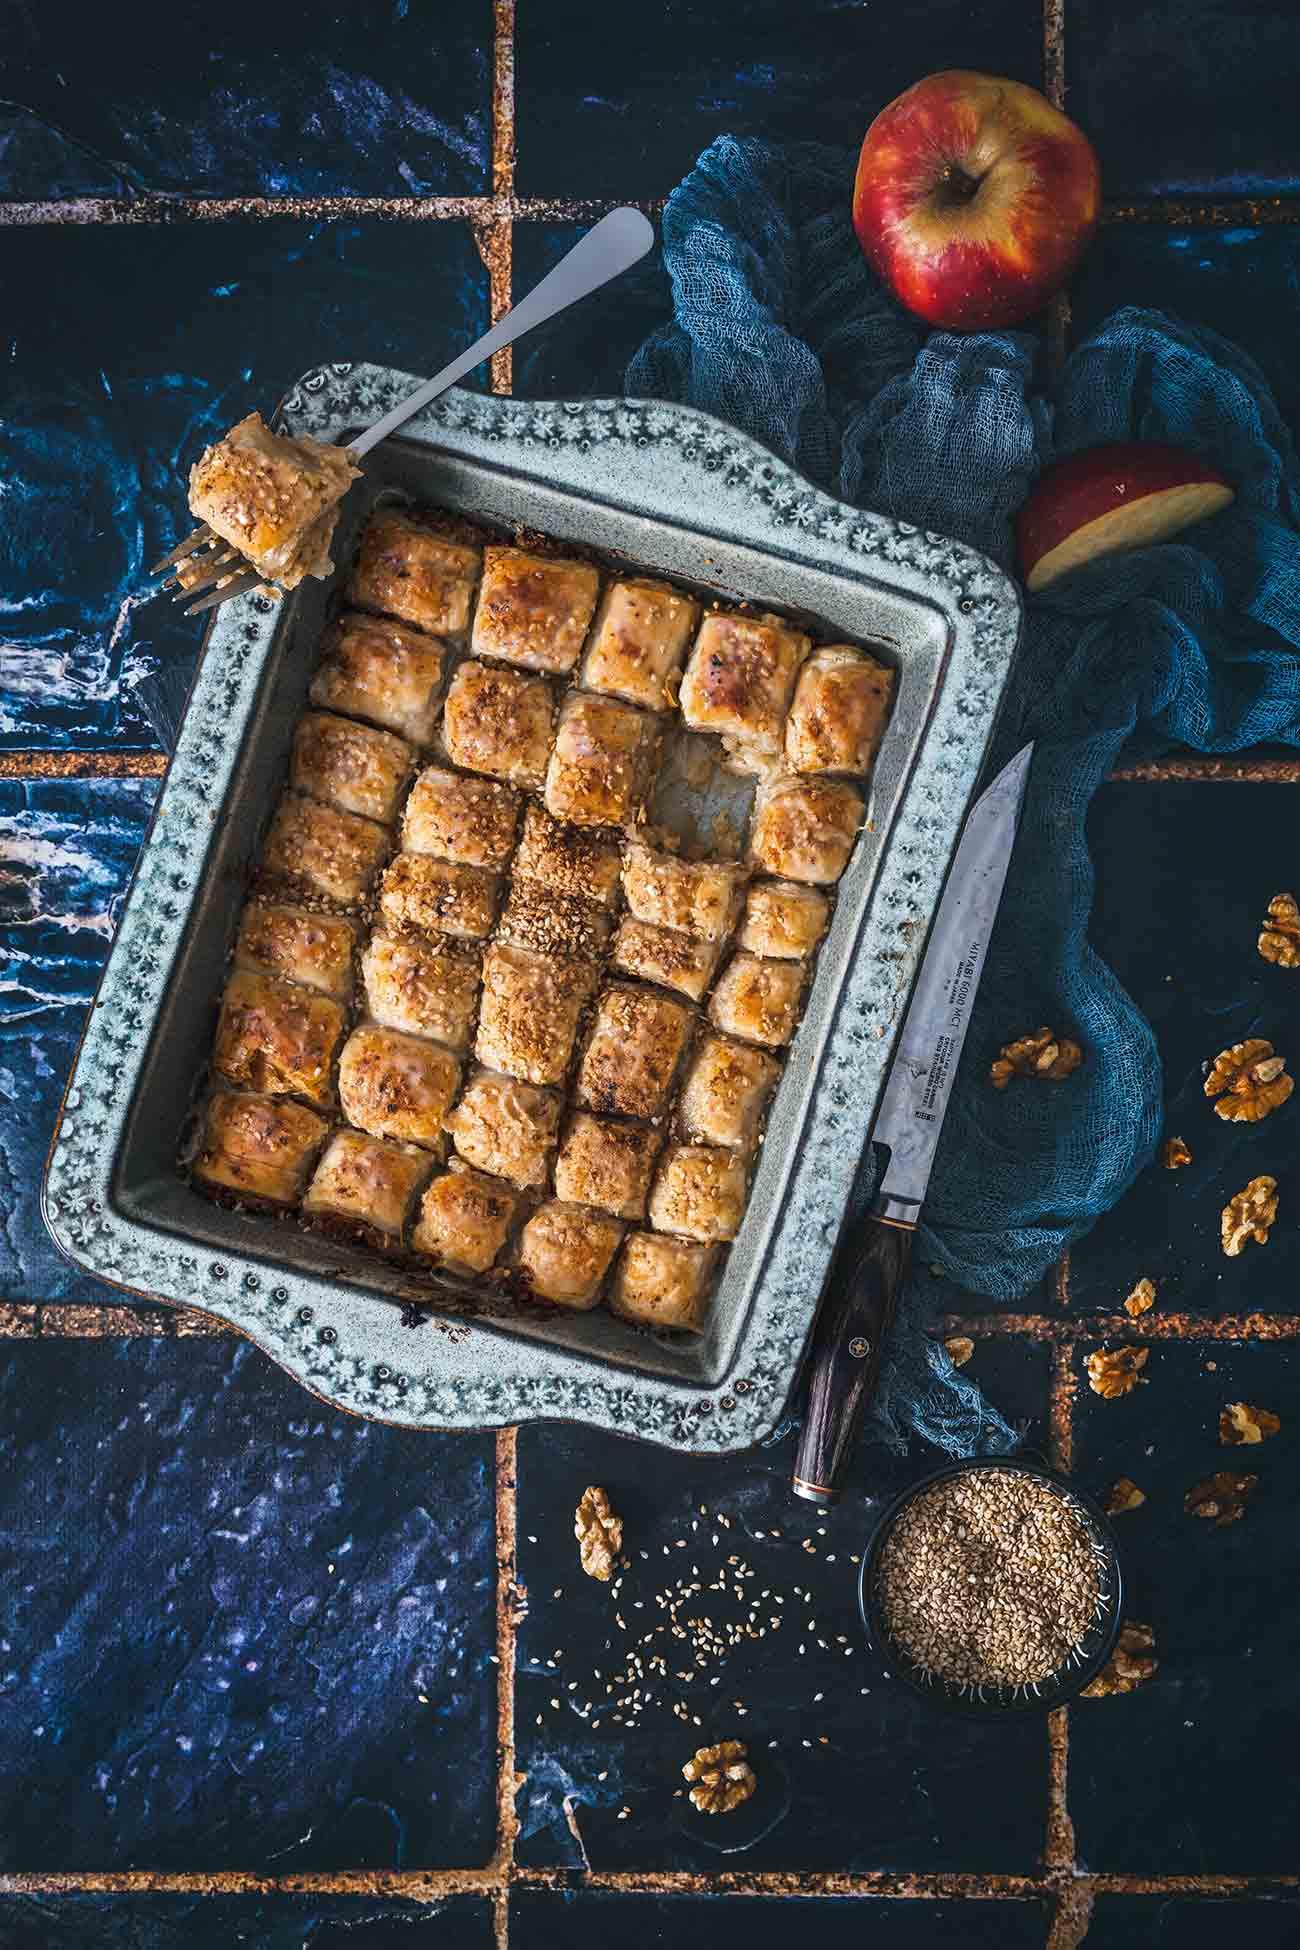 """Vorneweg sei gesagt, dass ich das klassische Baklava mit Pistazien über alles liebe, aber ich musste einfach mal etwas anderes ausprobieren. Eine Art """"easy peasy"""" Baklava aus Blätterteig mit einer fruchtigen Apfel-Nussfüllung. Nicht ganz so süß wie das Original, aber unglaublich lecker."""